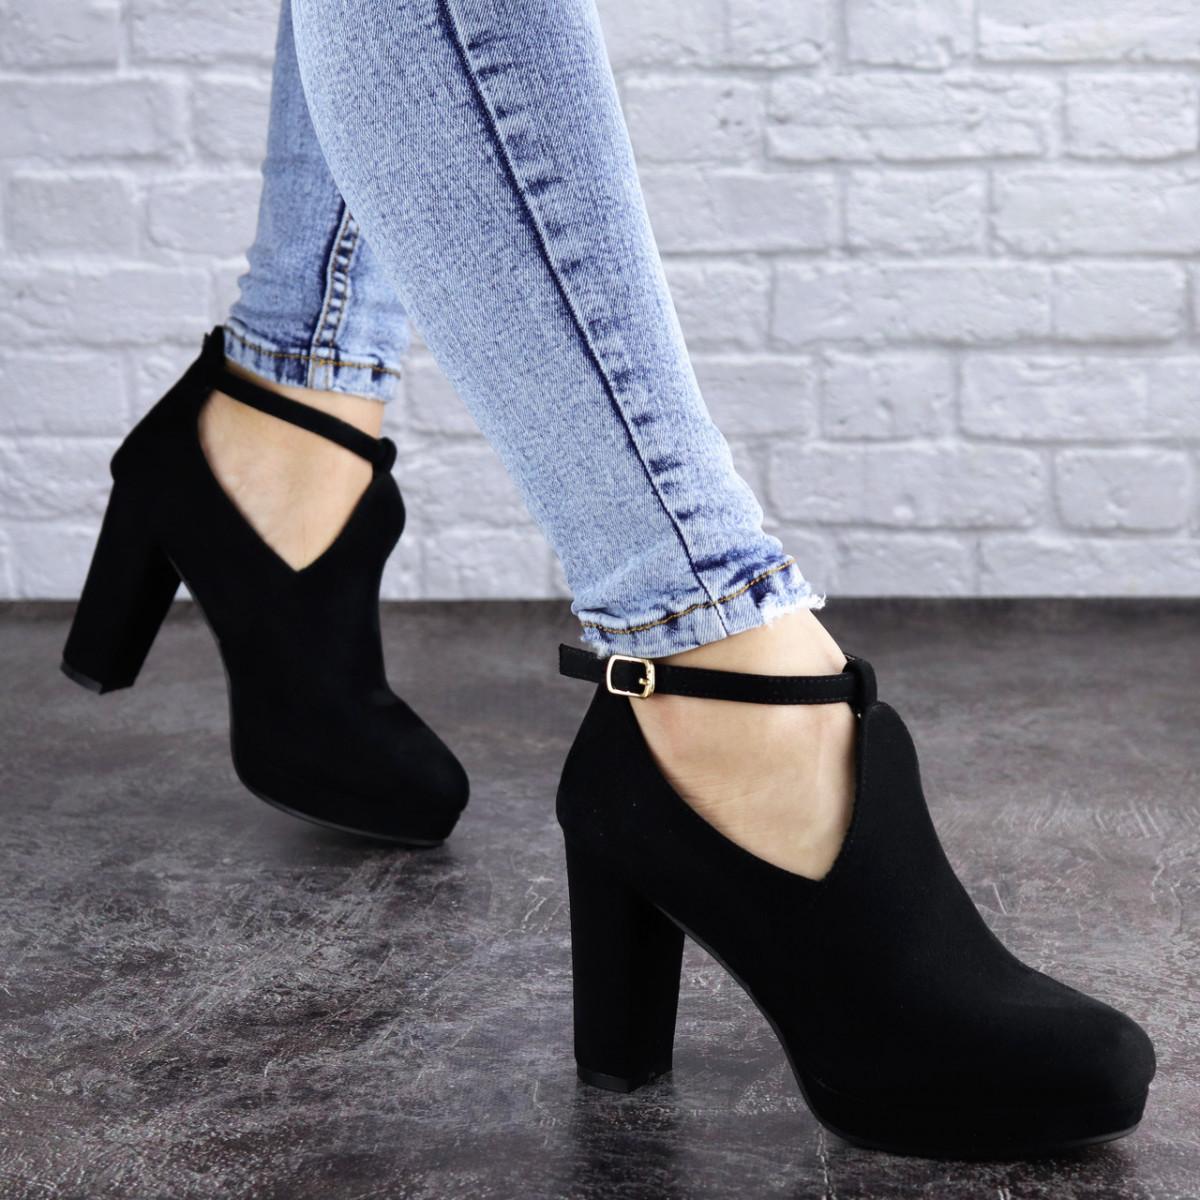 Туфли женские на каблуке черные Jaime 2047 (36 размер)